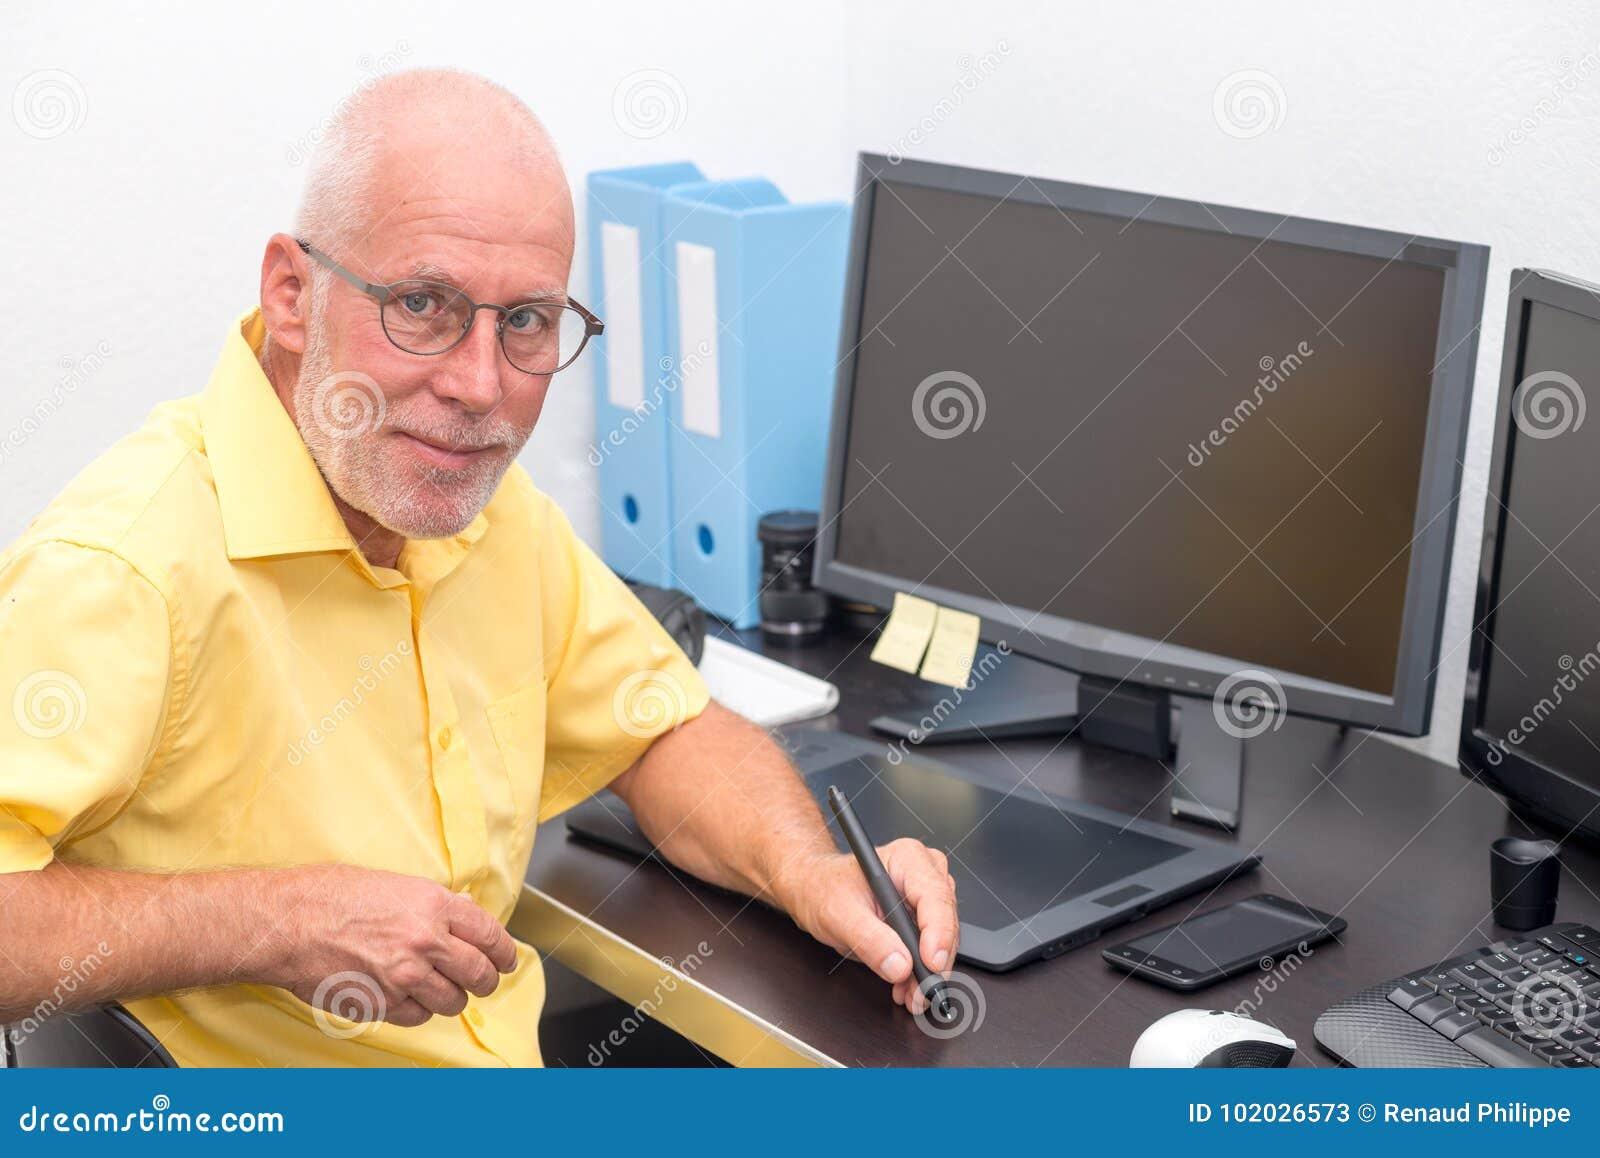 Ώριμο άτομο που εργάζεται με την ταμπλέτα γραφικής παράστασης στο γραφείο του